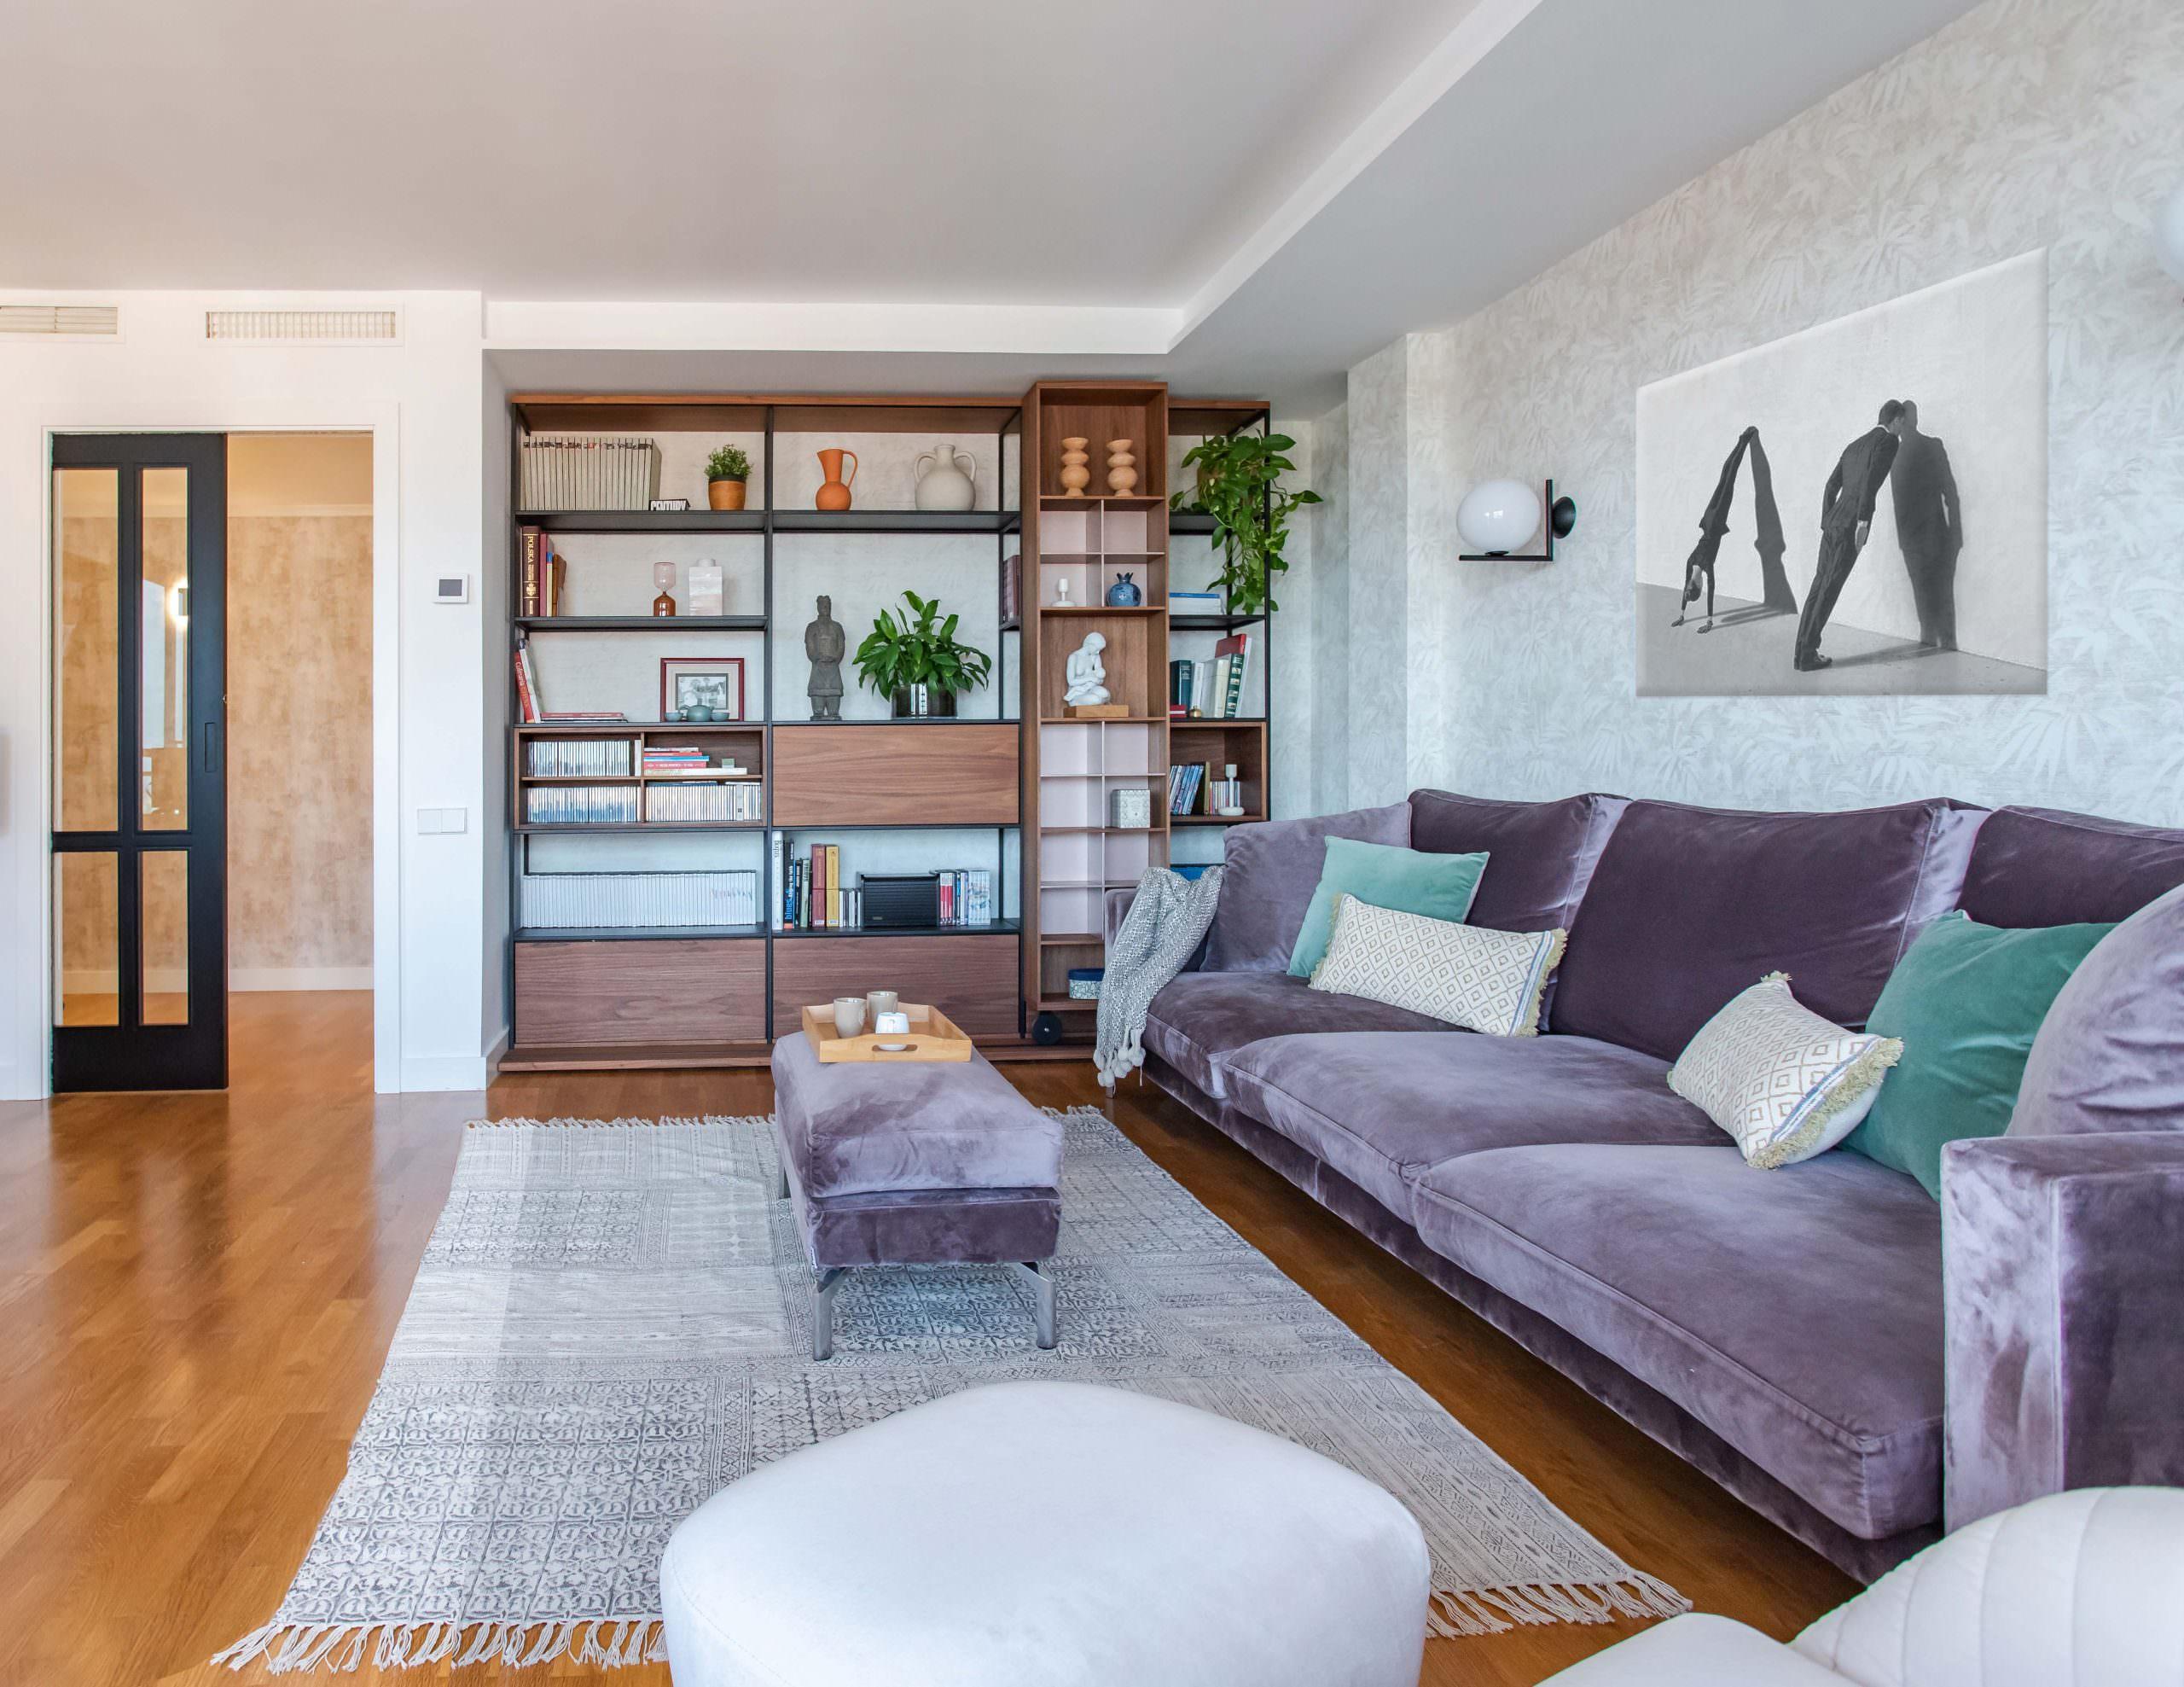 Asesoramiento compras decoración interiores